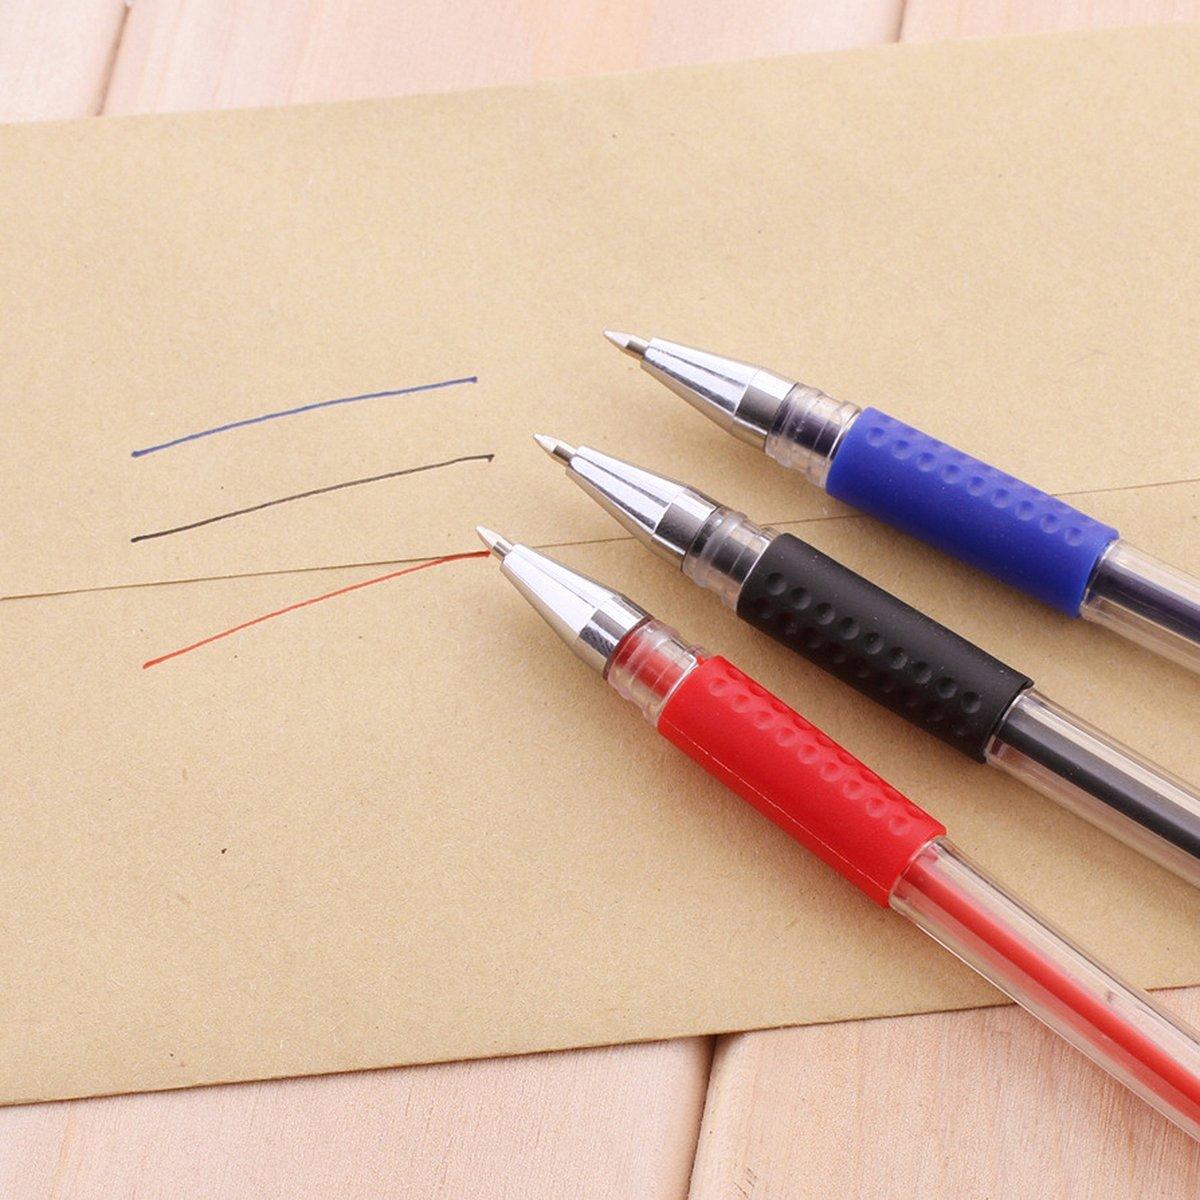 QZBAOSHU Packung mit 12 Stuck Gelschreiber Gelstifte Gel Kugelschreiber Gel Stifte 0.5mm Schwarz Schwarz * 12 St/ück